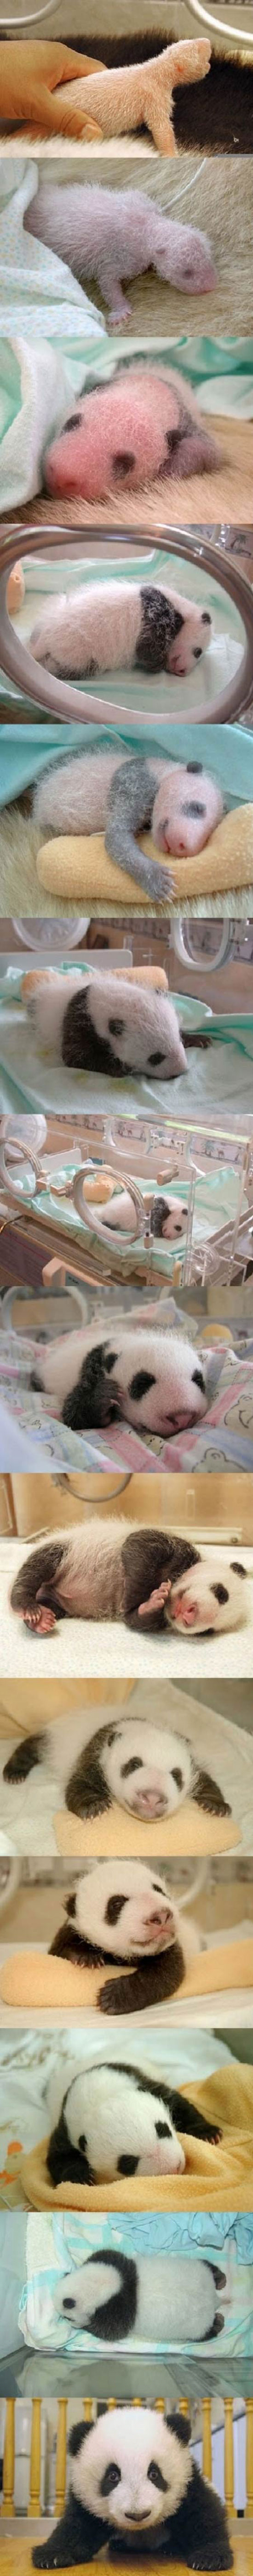 Έχετε δει νεογέννητο Panda; (3)